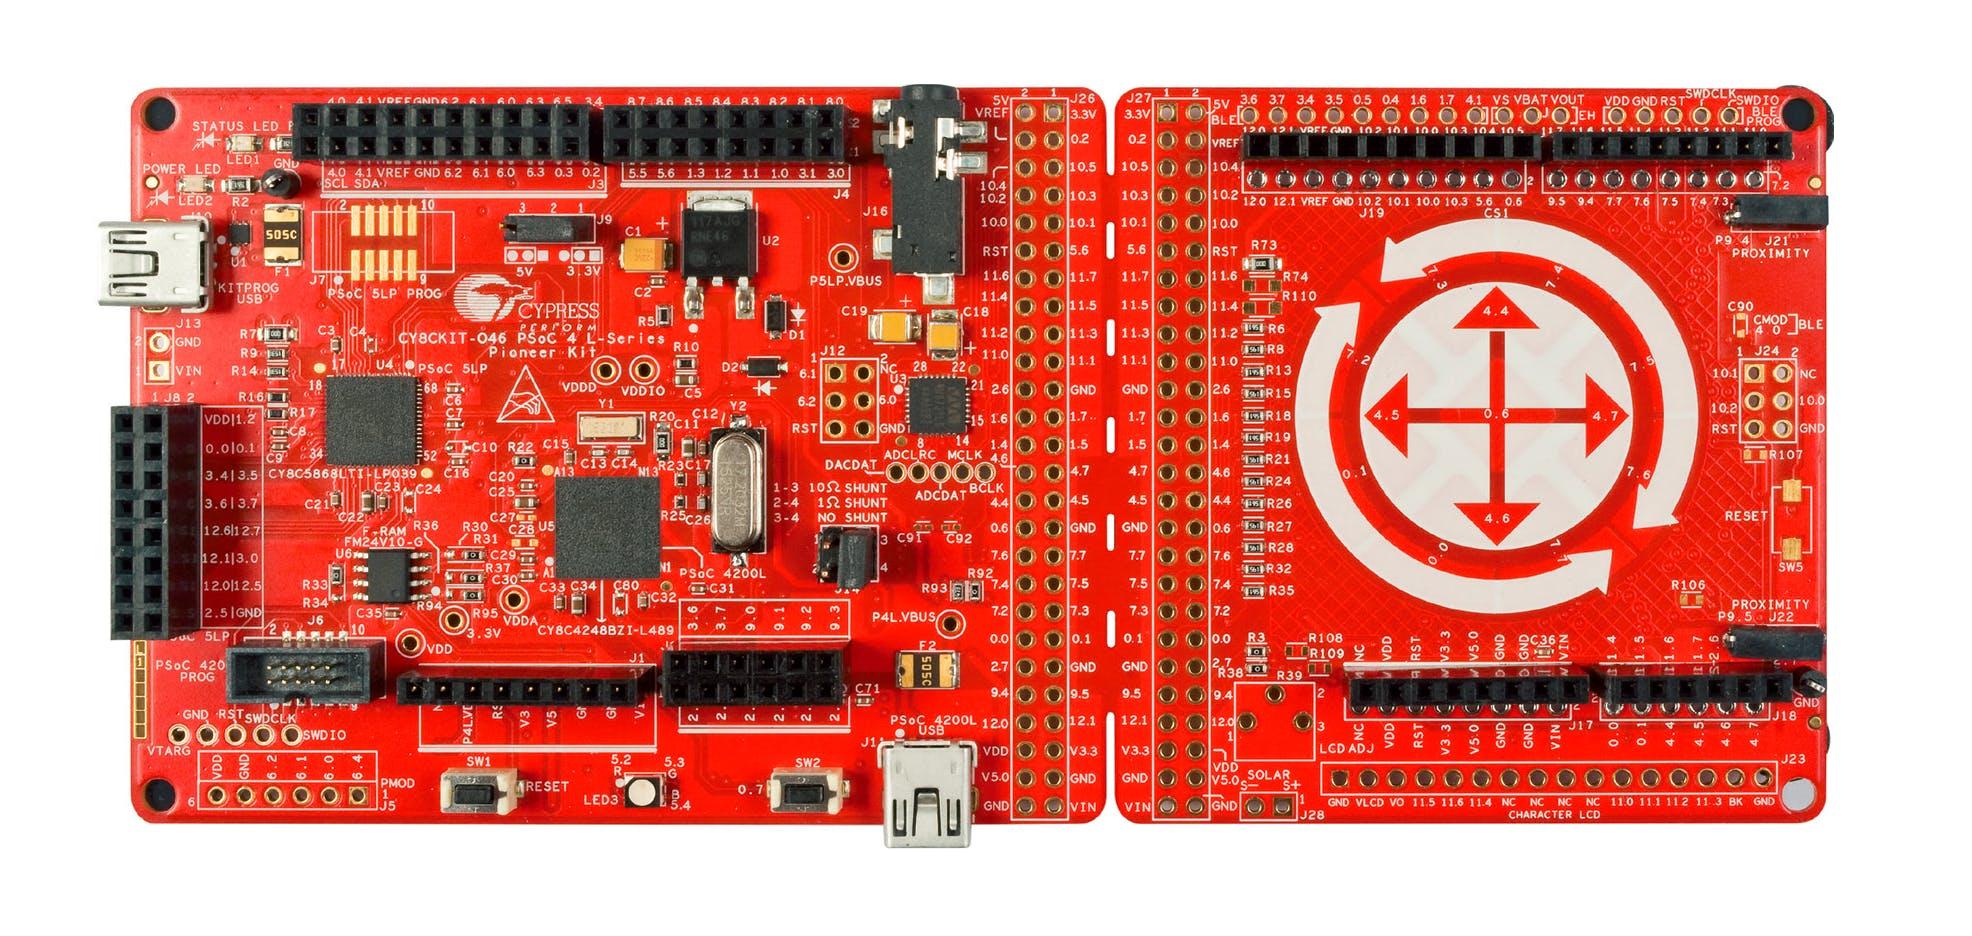 PSoC 4 L-Series Pioneer Kit